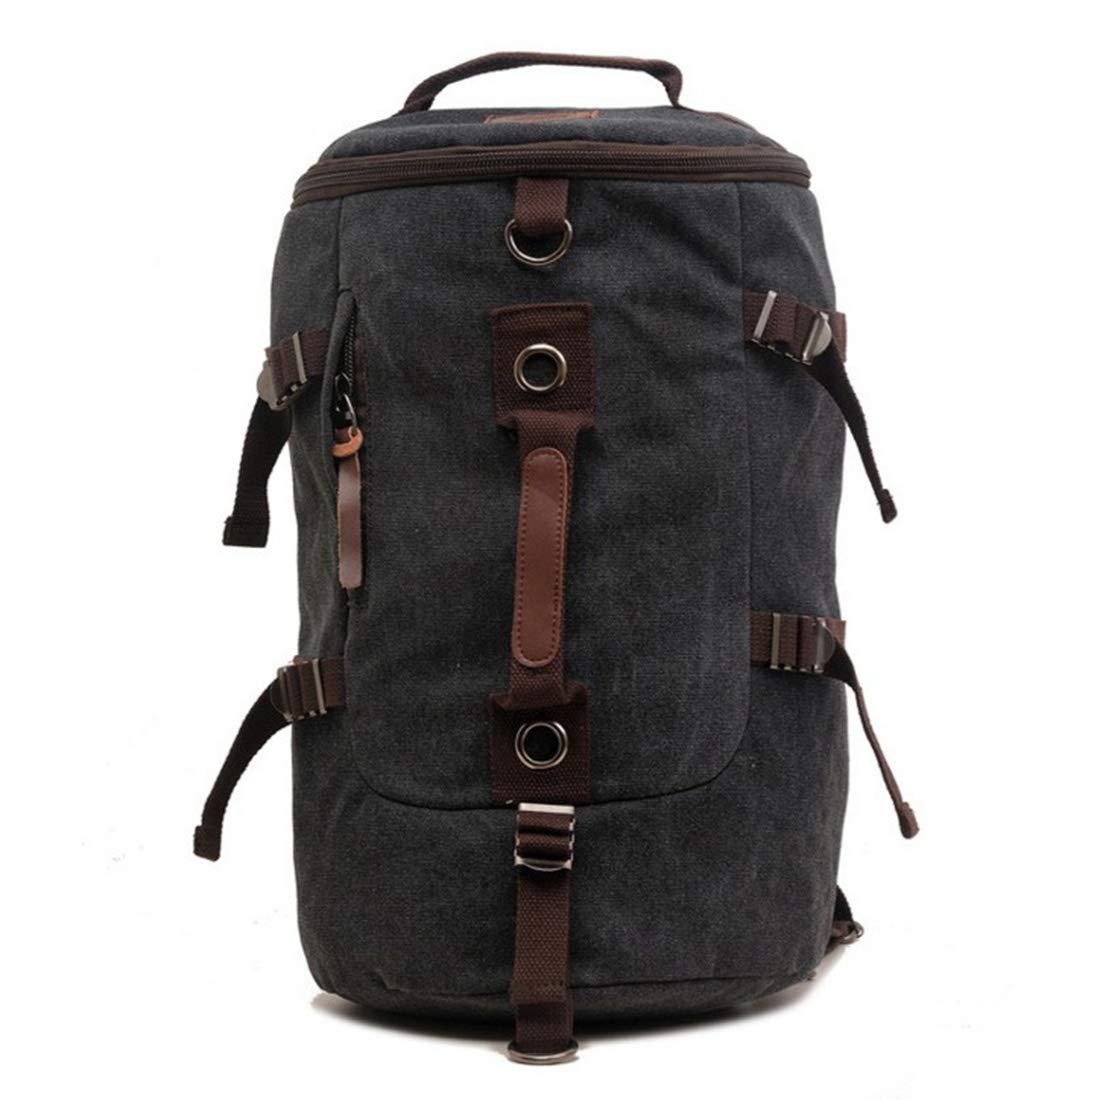 schwarz UICICI Canvas-Rucksack, diagonale Umhängetasche, multifunktionale Tasche mit großer Kapazität, Reise-Bergsteigen-Tasche (Farbe   schwarz)